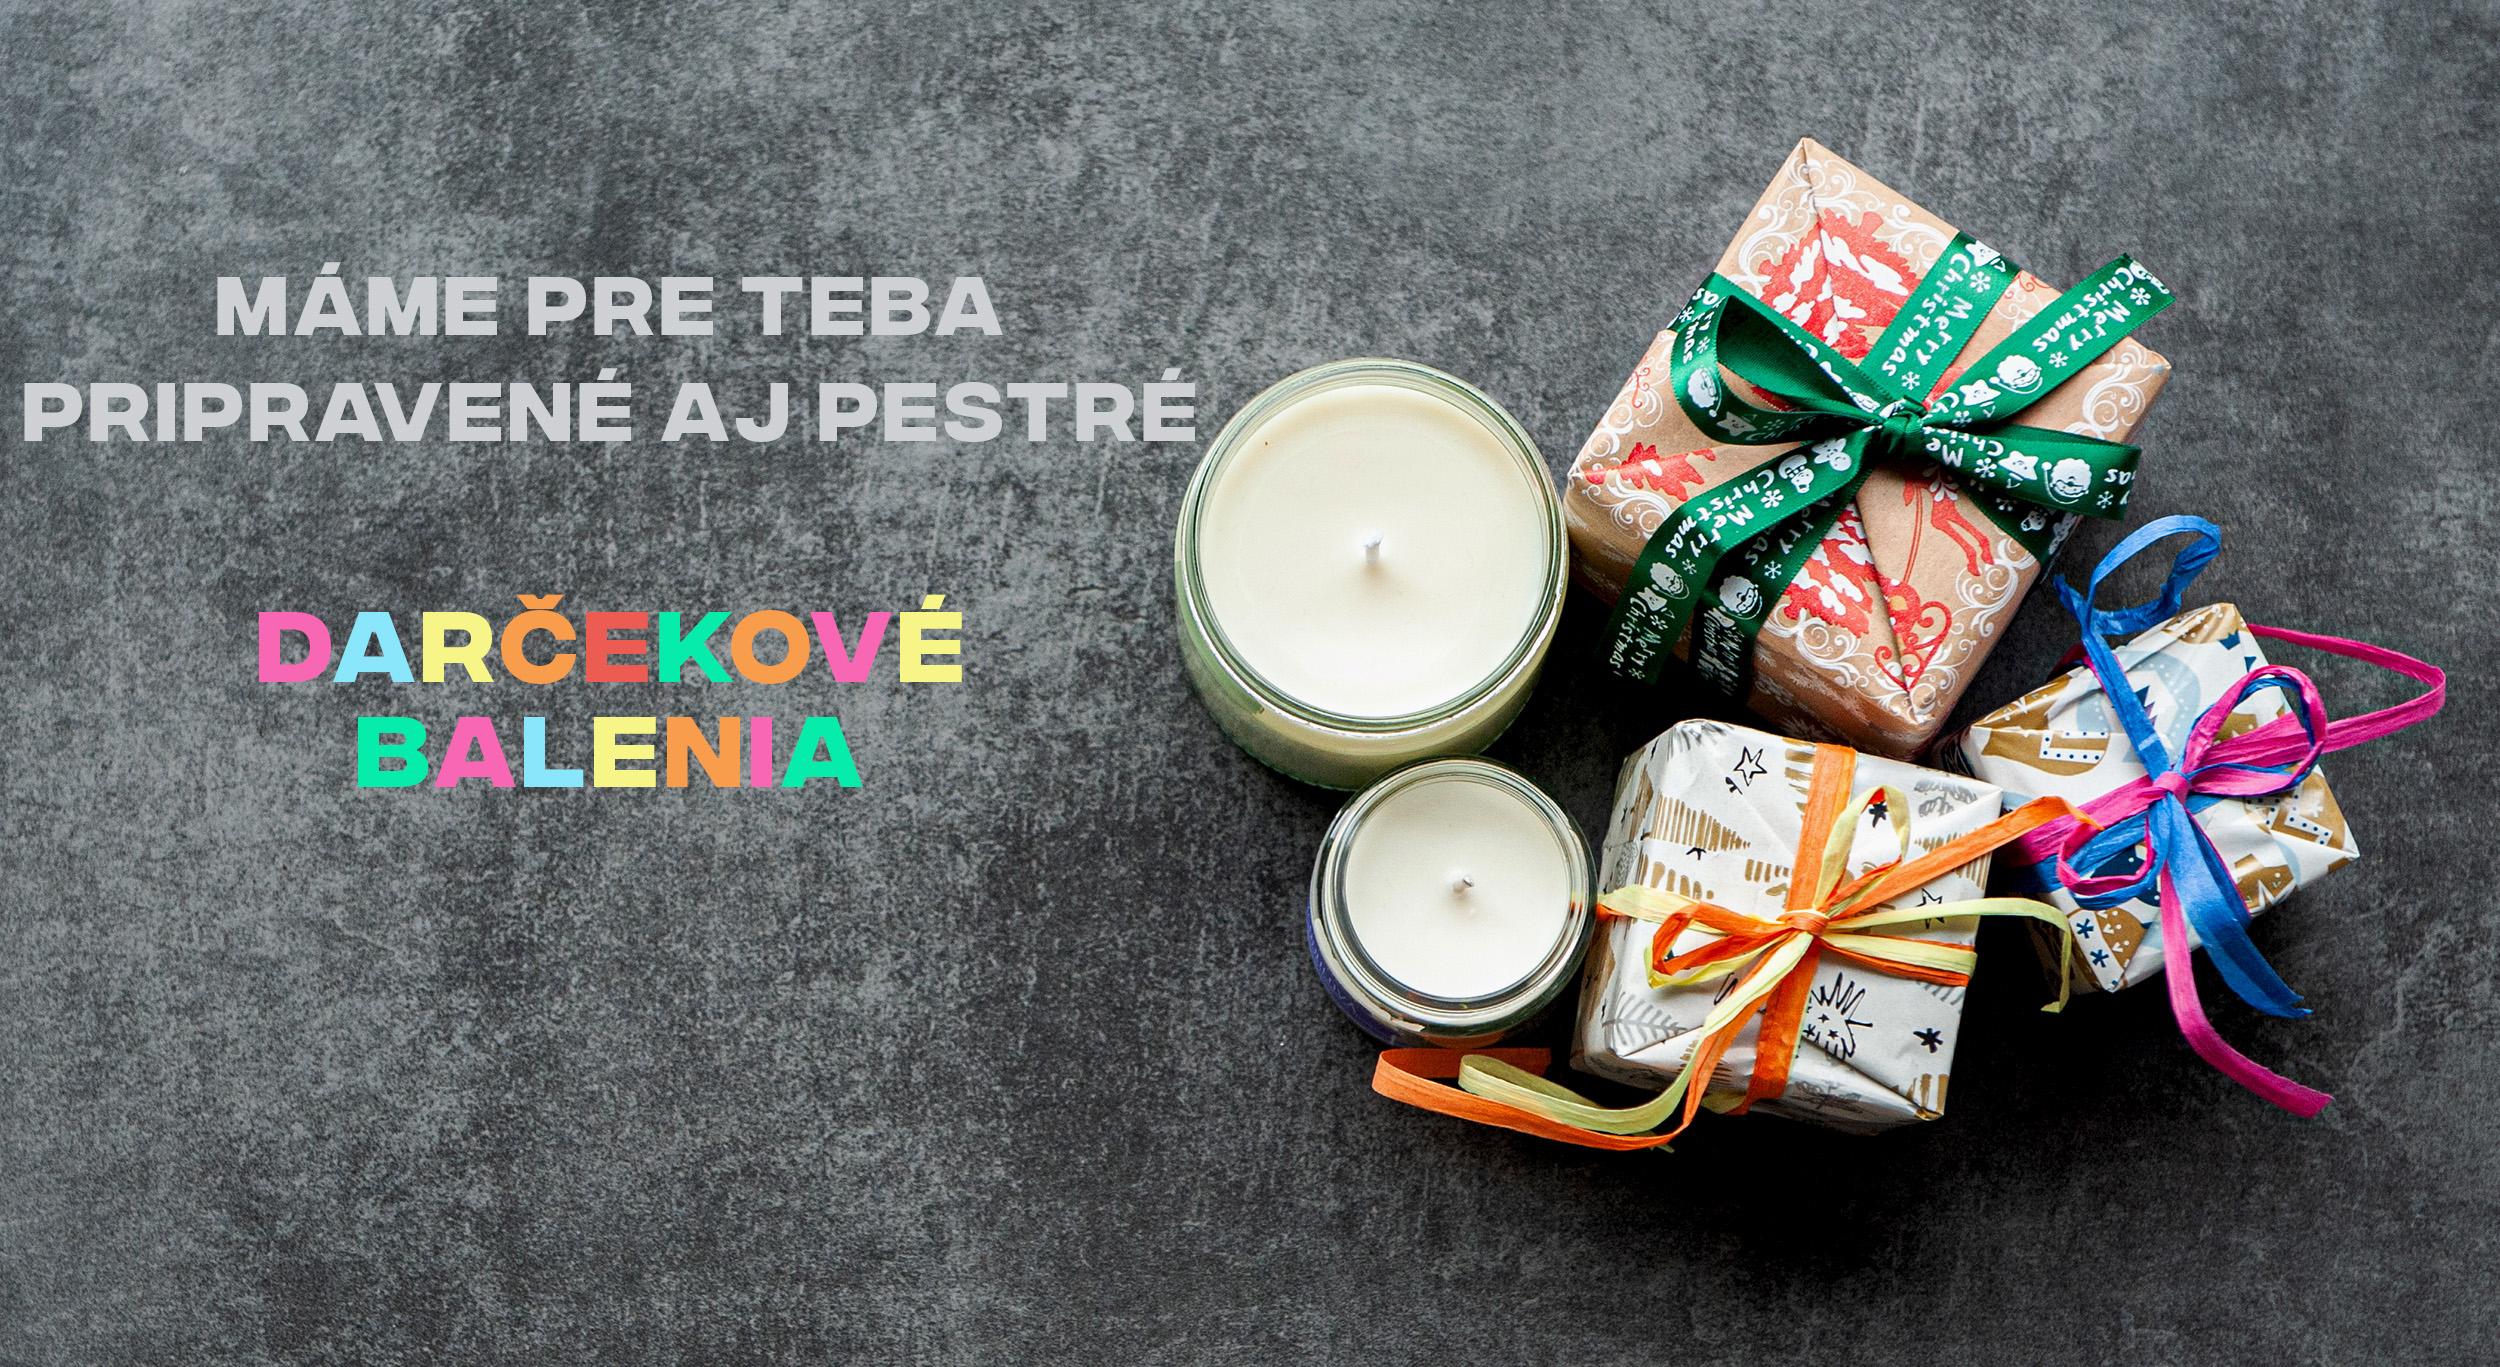 Prírodné voňavé sójové sviečky a darčekové balenia